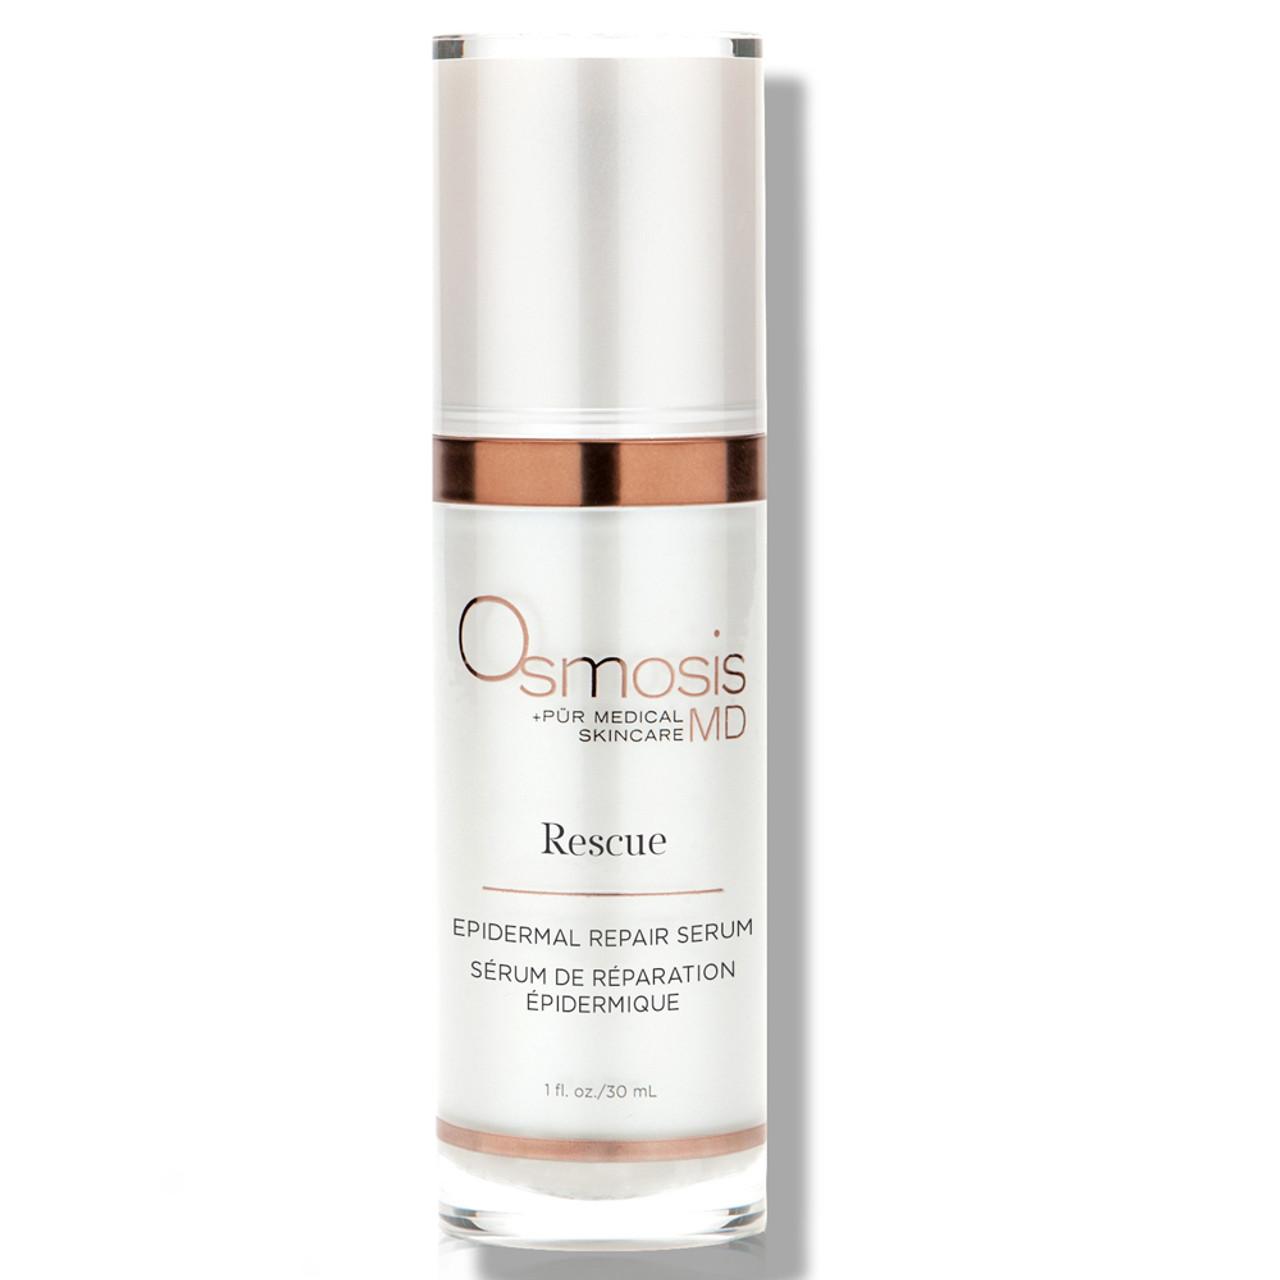 Osmosis +Skincare MD Rescue - Epidermal Repair Serum